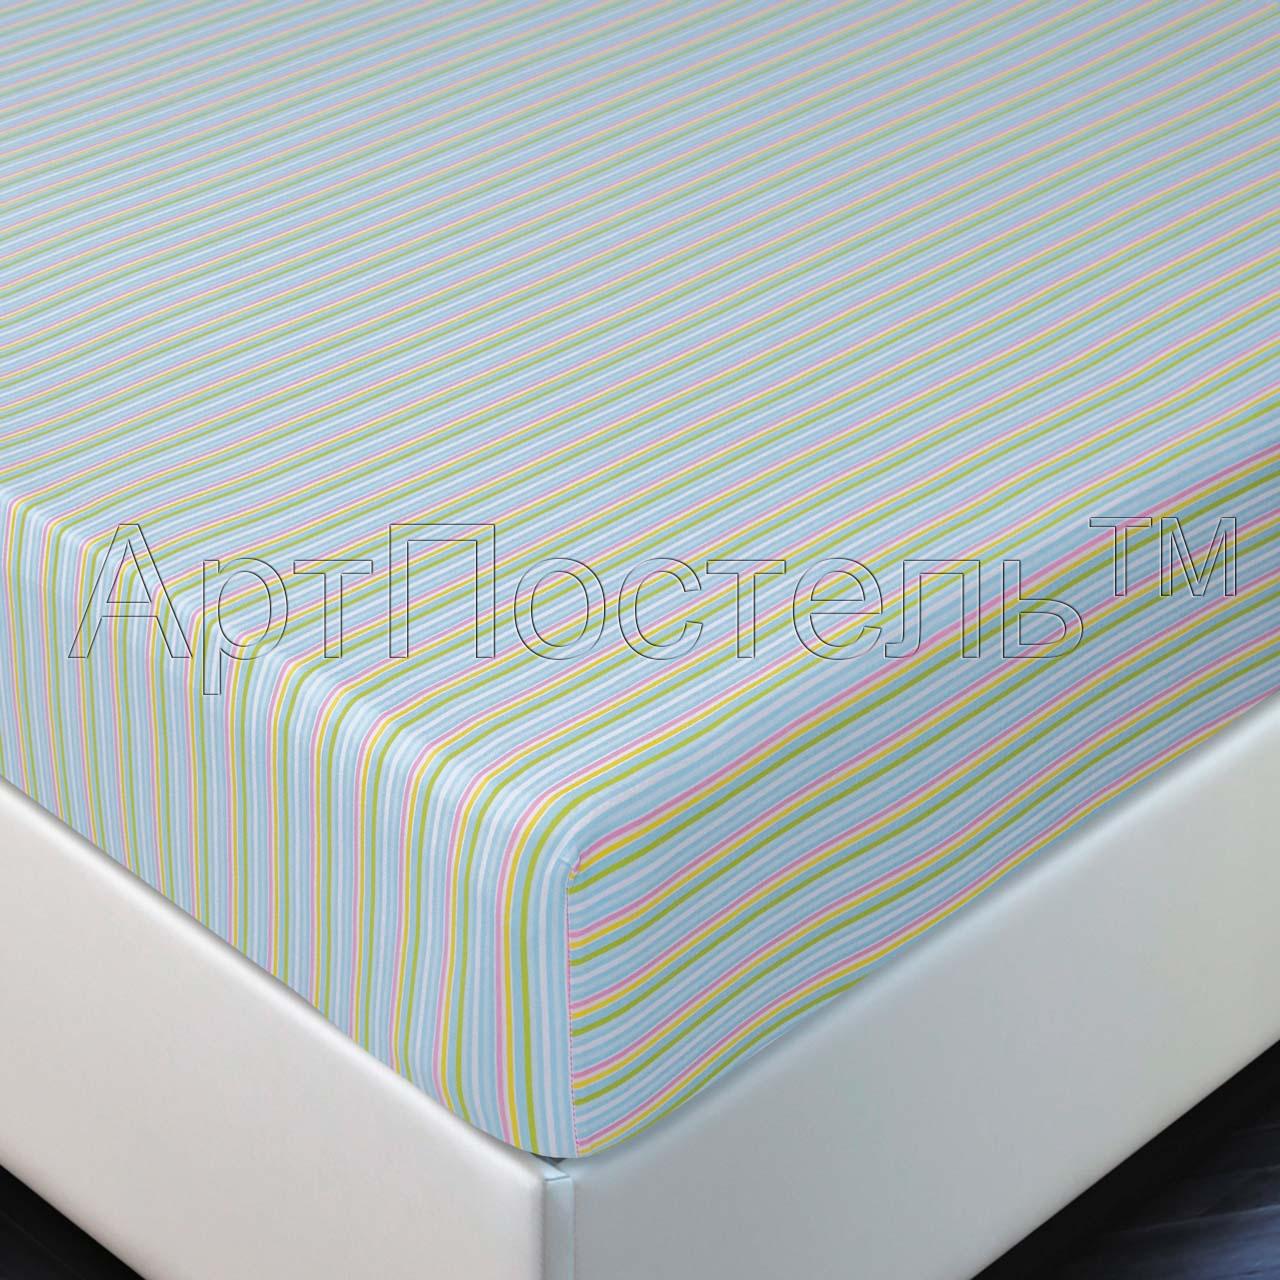 Простыня на резинке Радуга р. 160х200Простыни<br>Плотность ткани: 140 г/кв. м <br>Высота матраса: 20 см<br><br>Тип: Простыня на резинке<br>Размер: 160х200<br>Материал: Кулирка